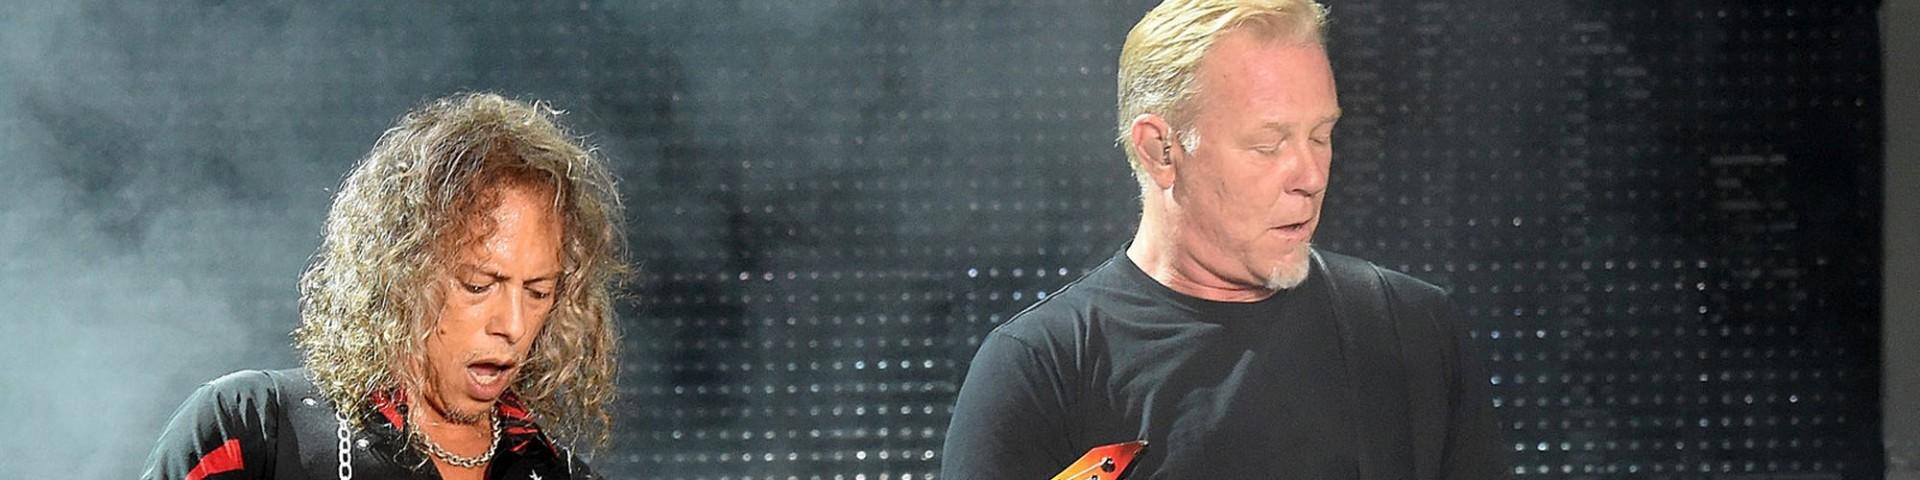 Metallica a Milano: i dettagli su orari e su cosa è vietato portare